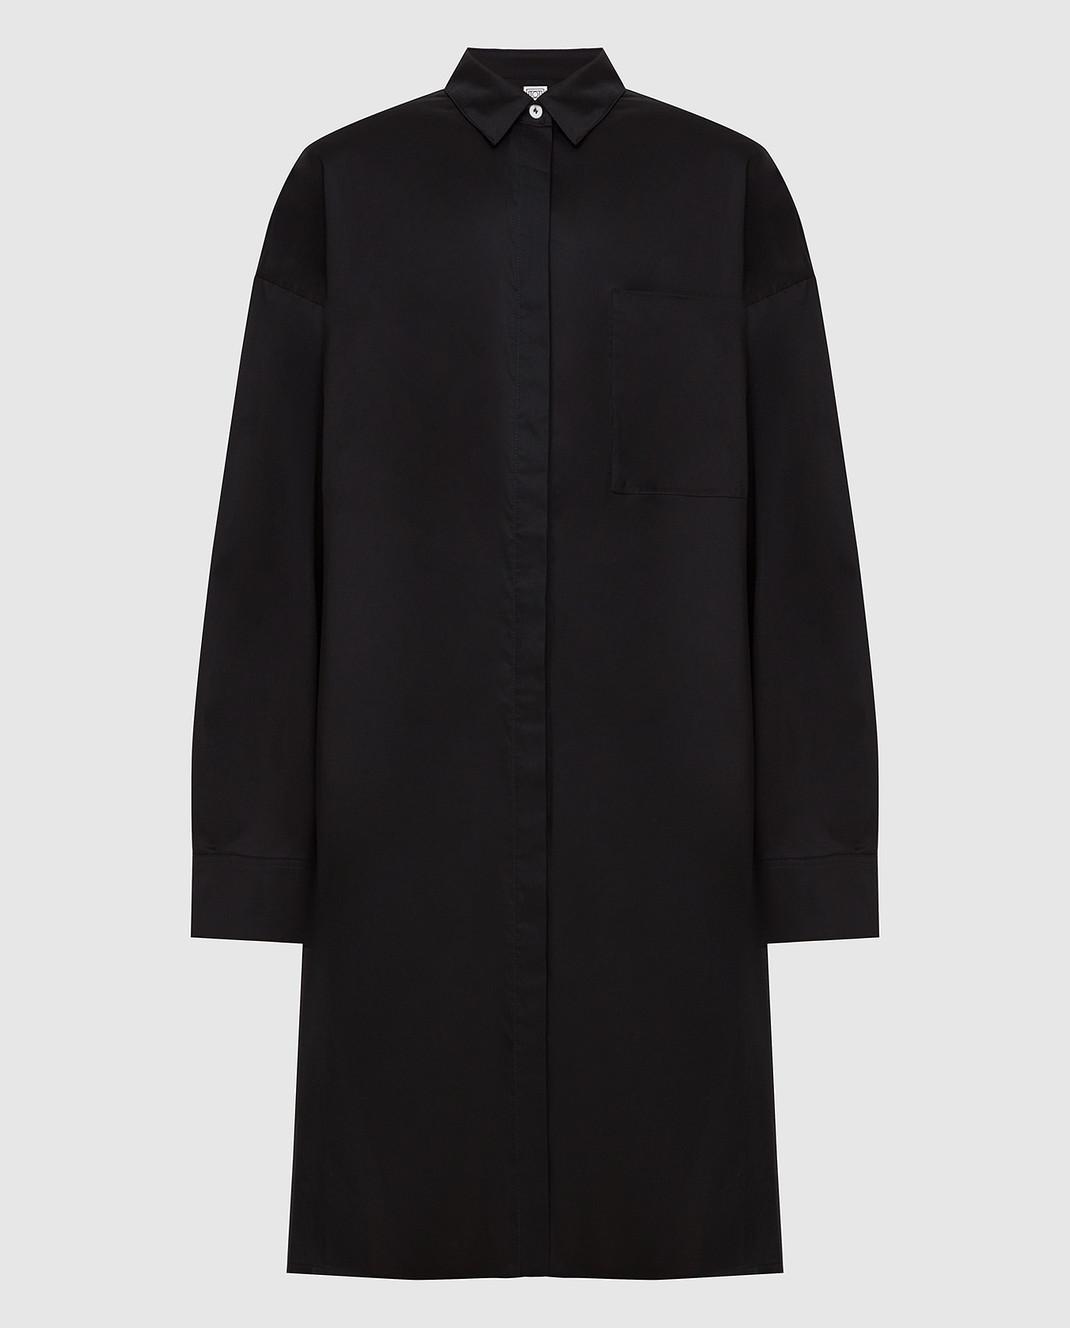 Toteme Черное платье изображение 1